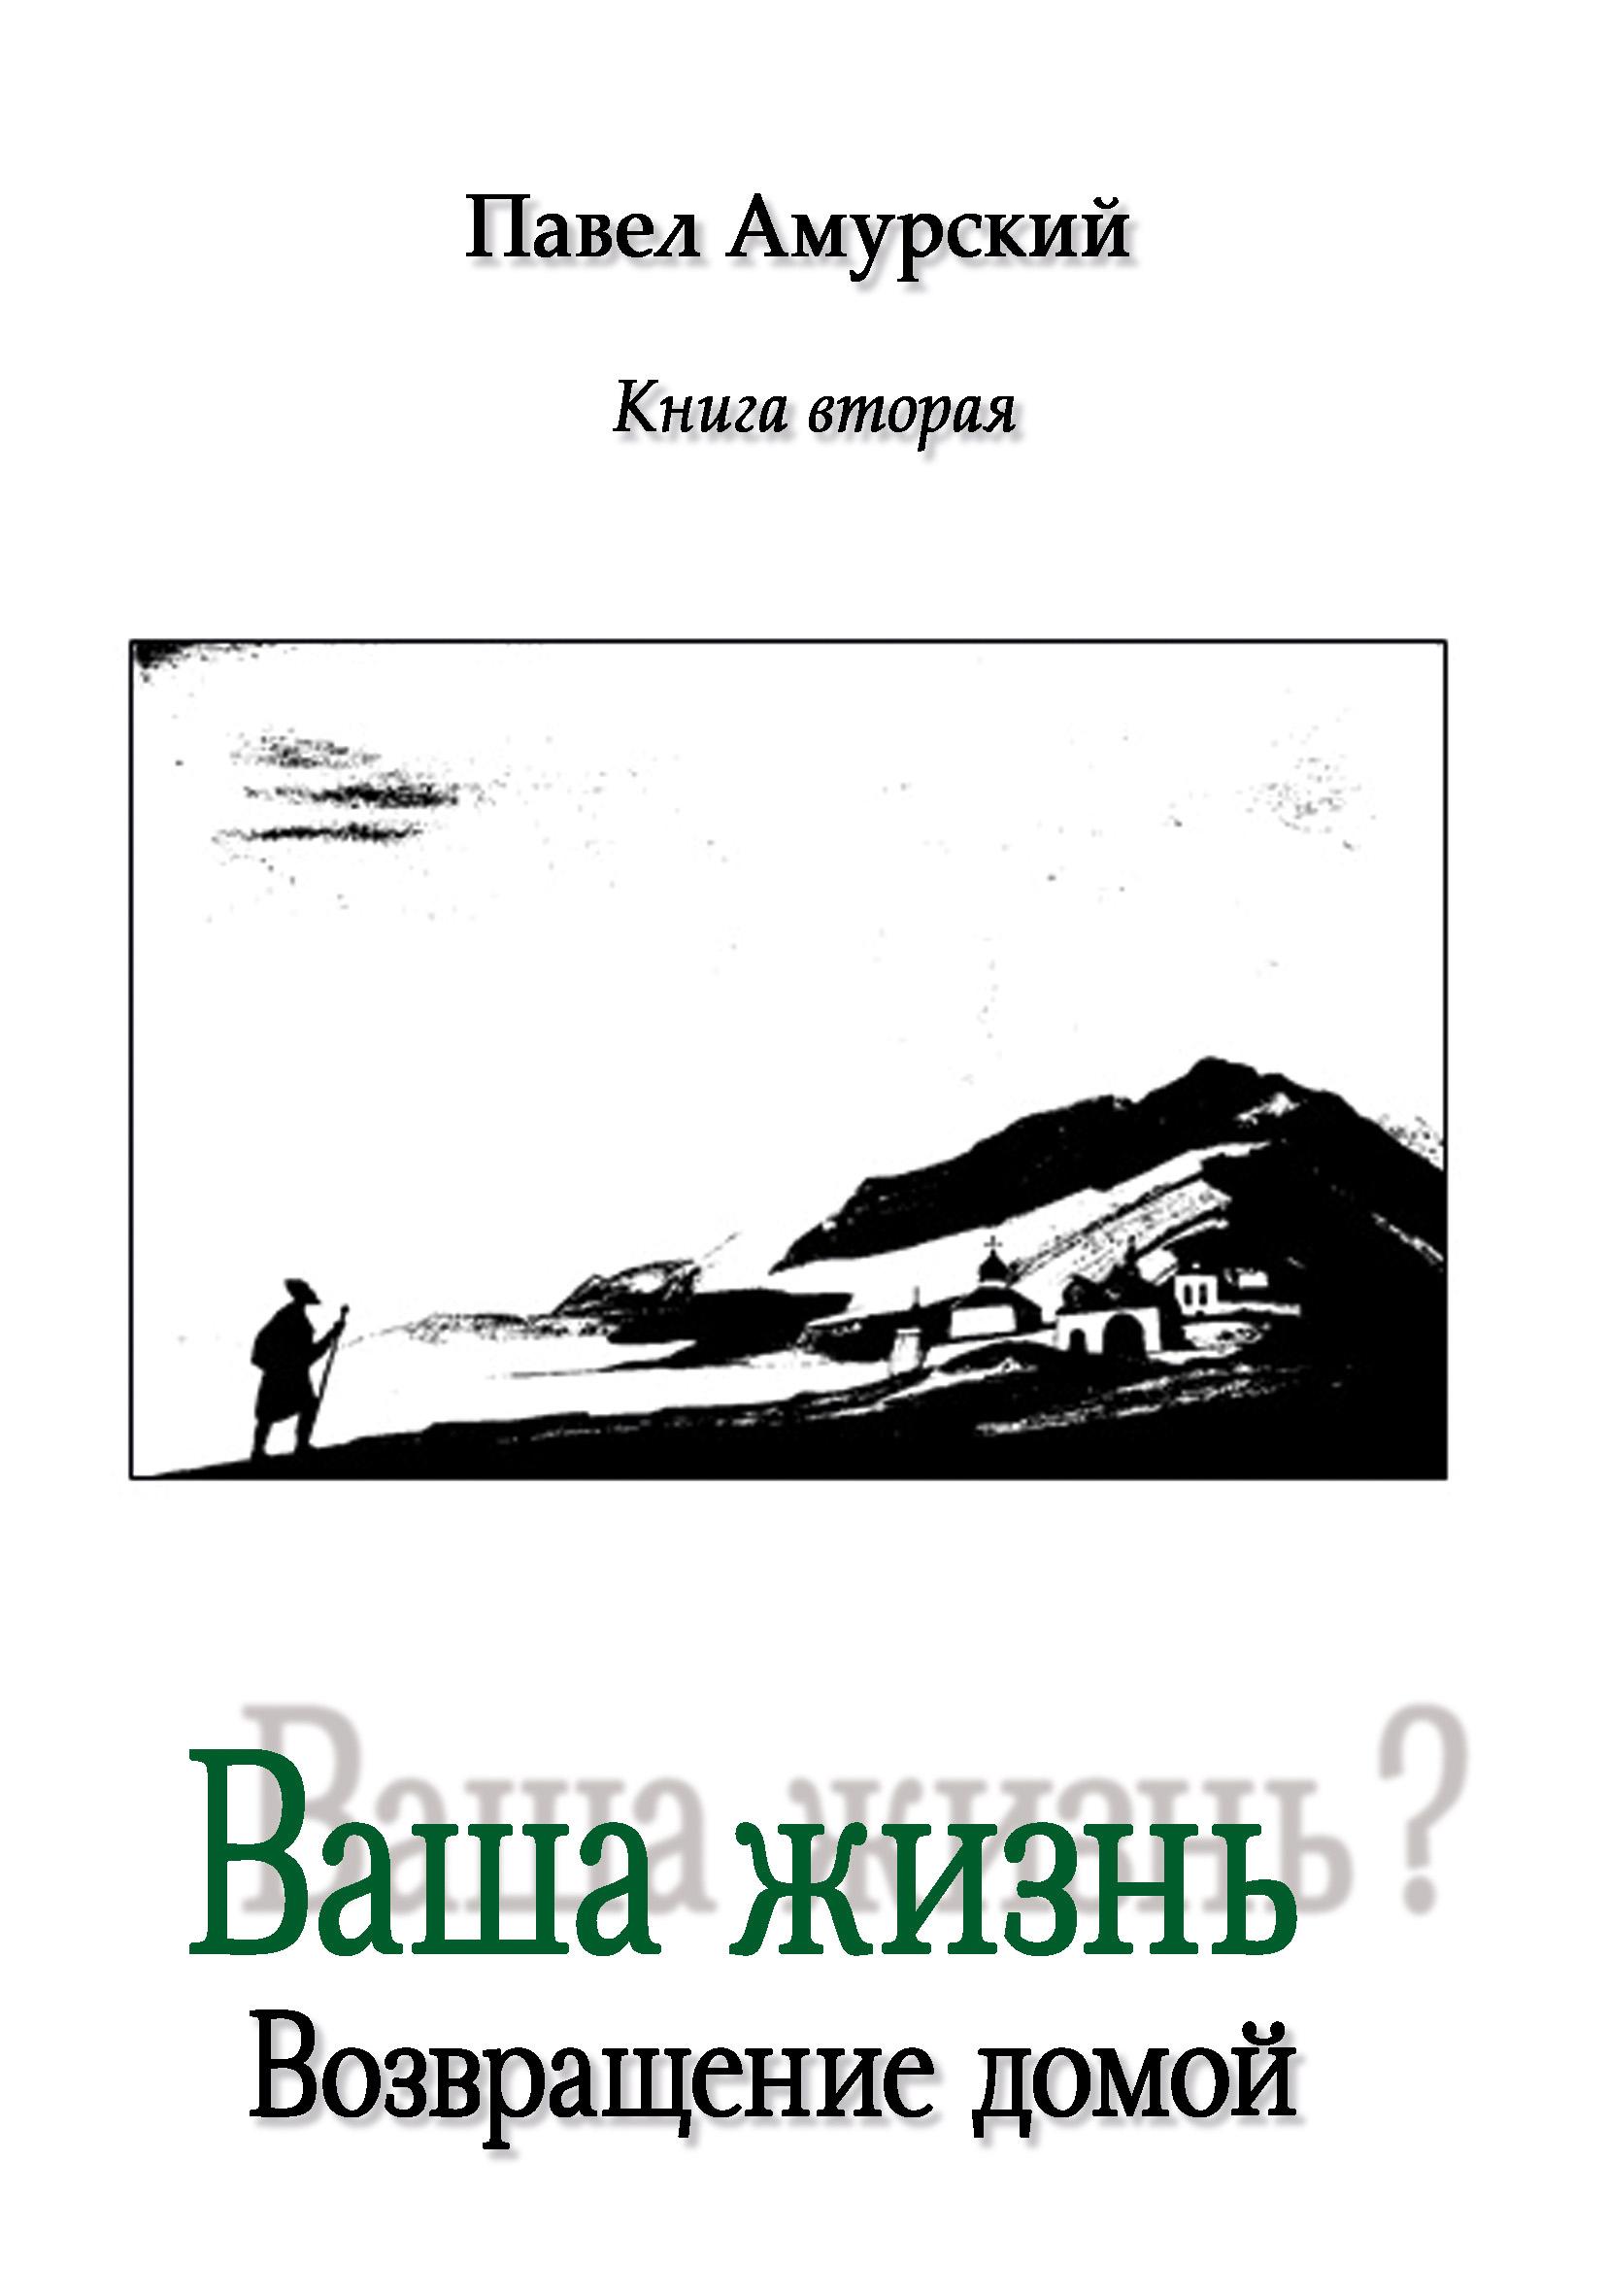 Павел Амурский Ваша жизнь? Книга 2. Возвращение домой амурский п ваша жизнь возвращение домой книга вторая